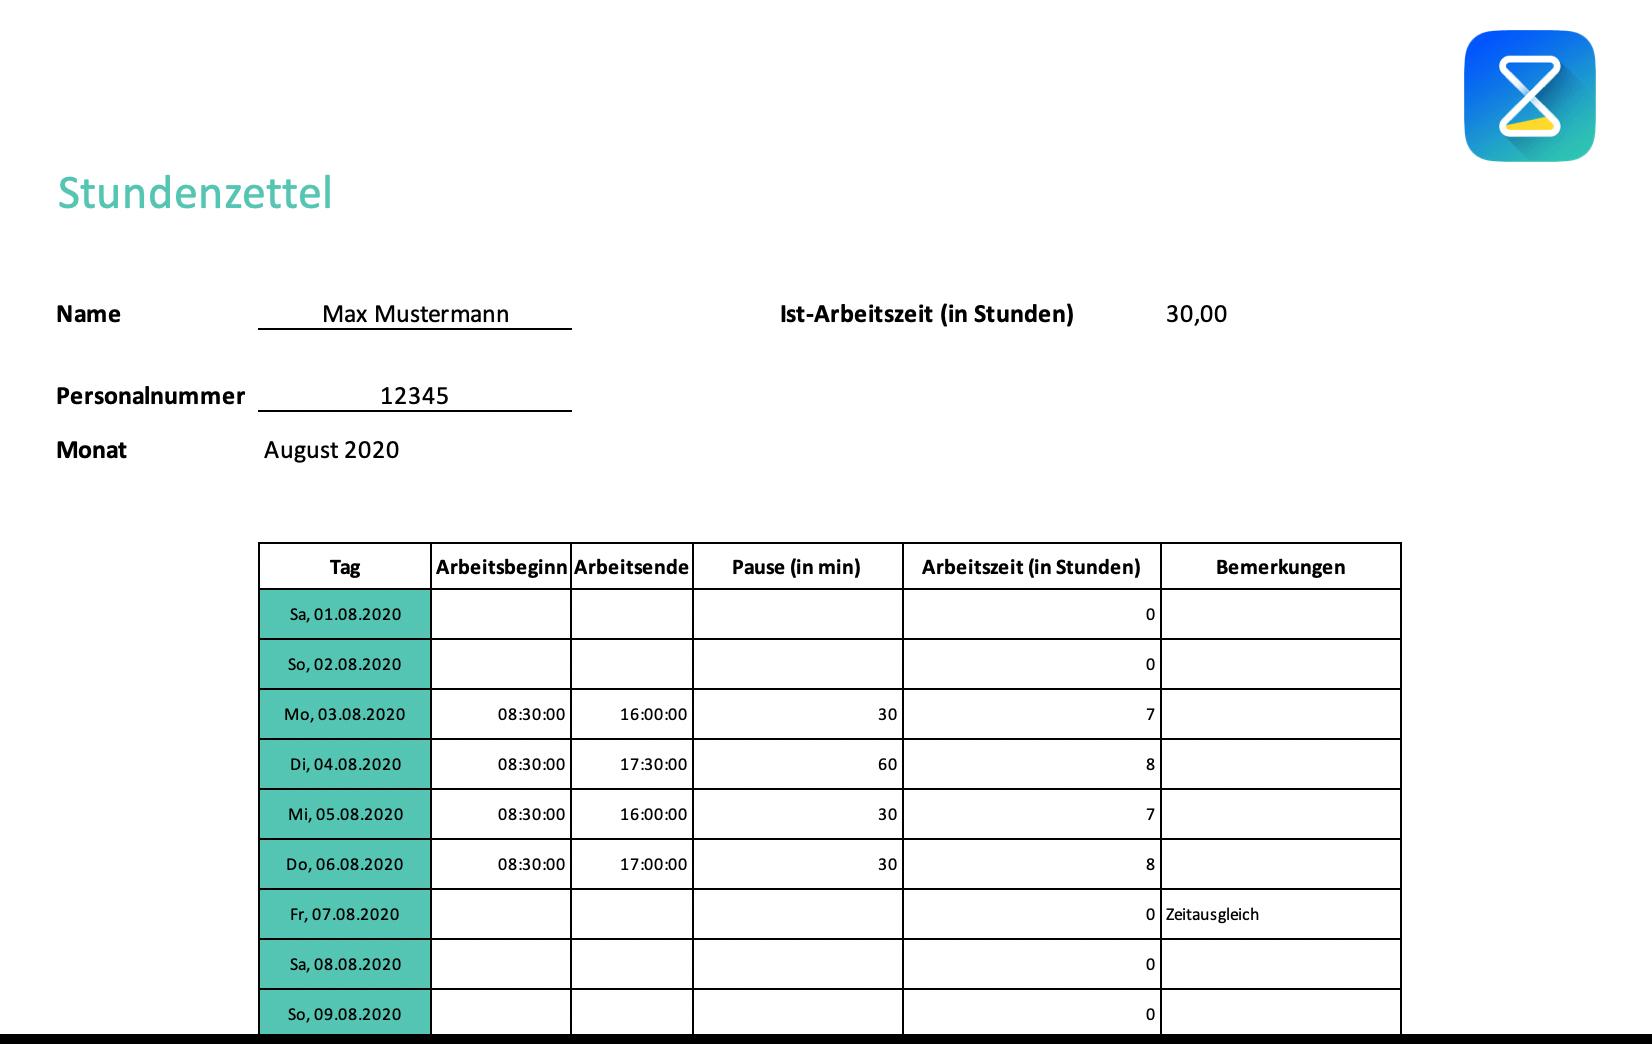 Stundenzettel-Vorlage